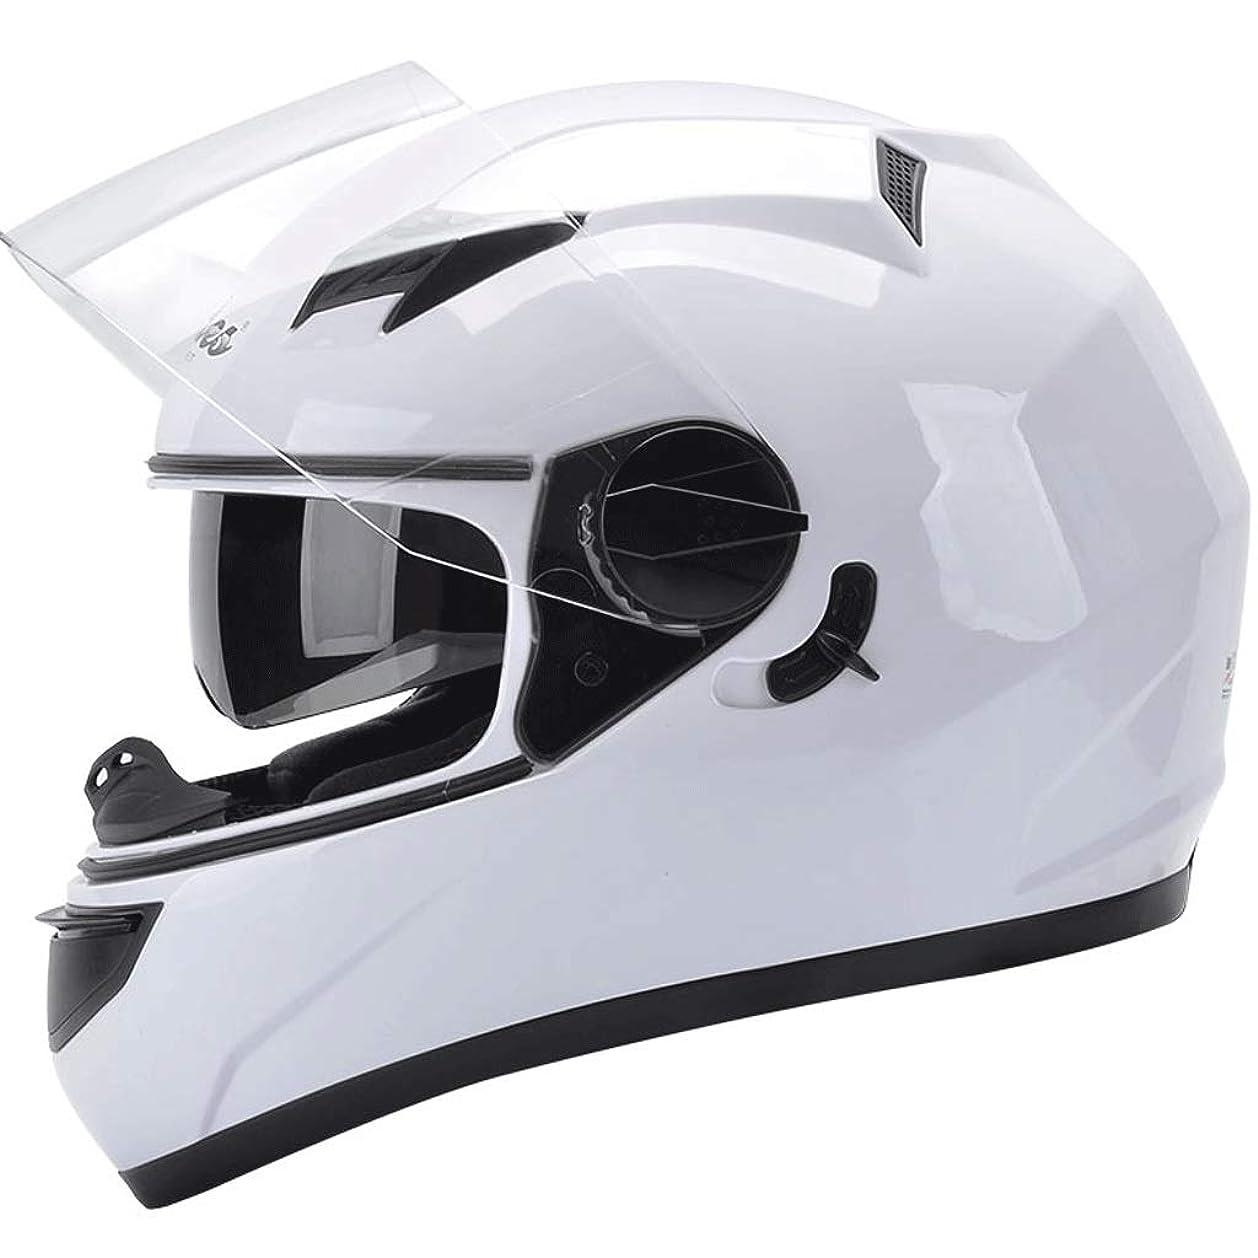 抜本的な探すどちらもHLM ヘルメット- 電動バイクのヘルメット男性のバッテリー車の女性四季冬フルフェイスヘルメット暖かいヘルメット防曇 (色 : F f, サイズ さいず : One size)